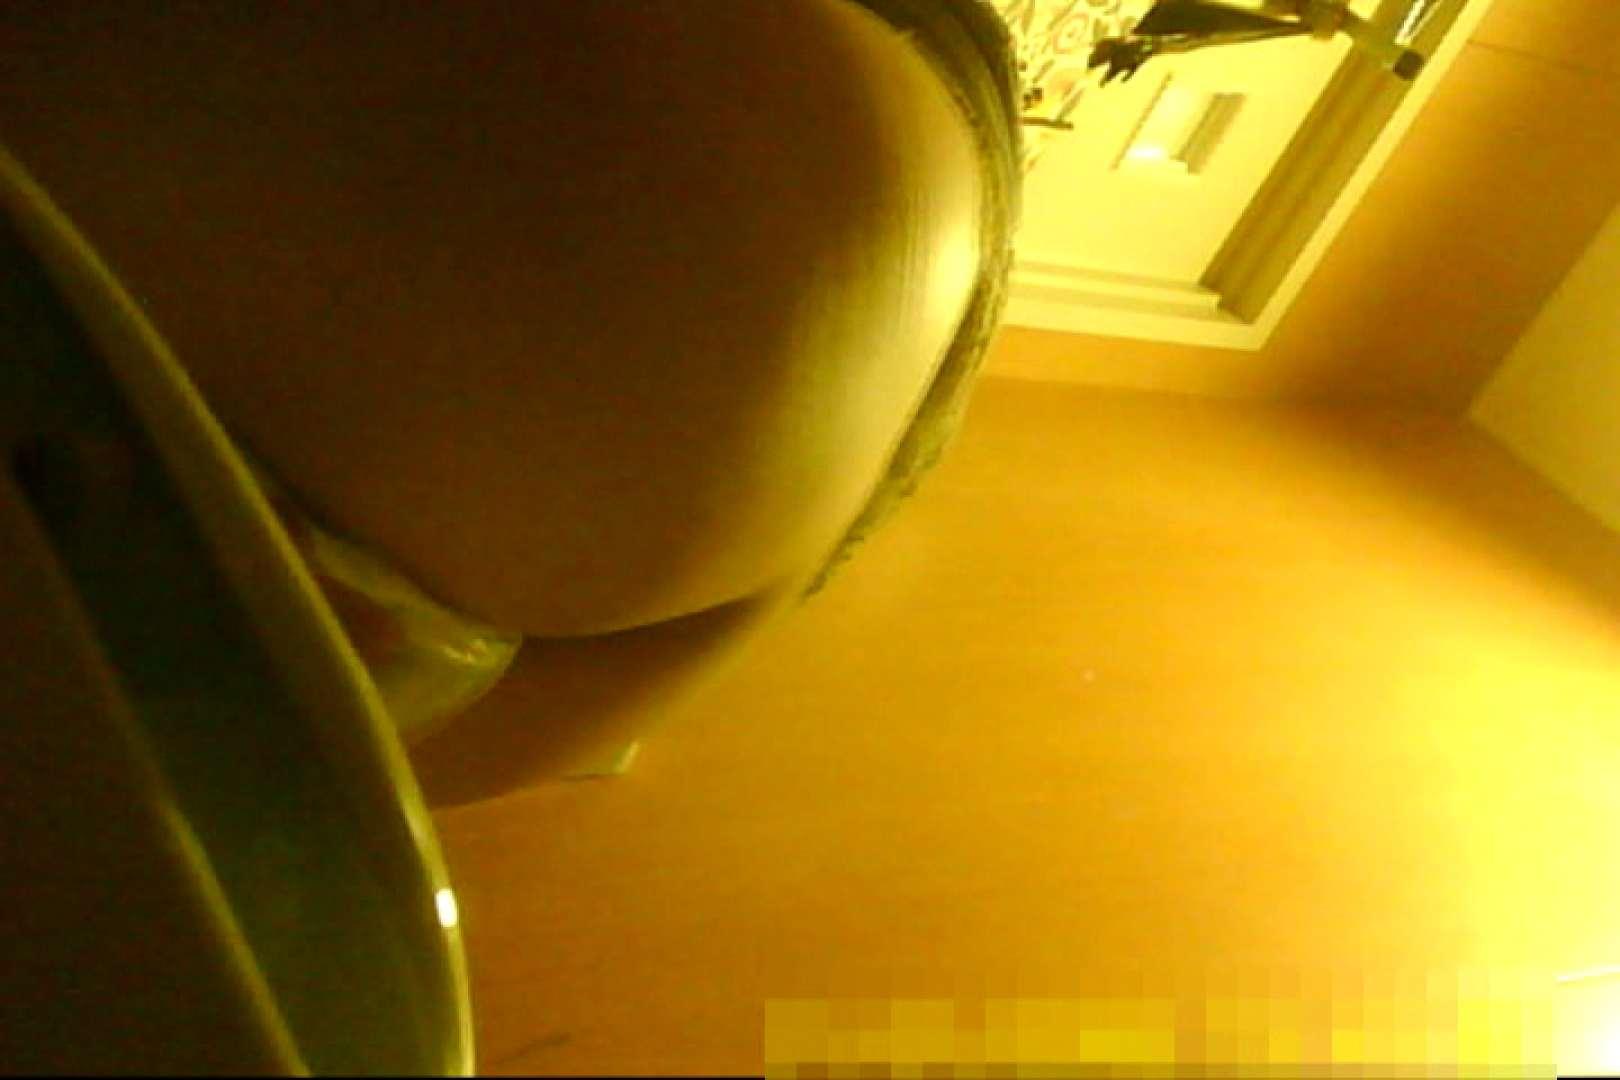 魅惑の化粧室~禁断のプライベート空間~29 プライベート | 盗撮師作品  87pic 33